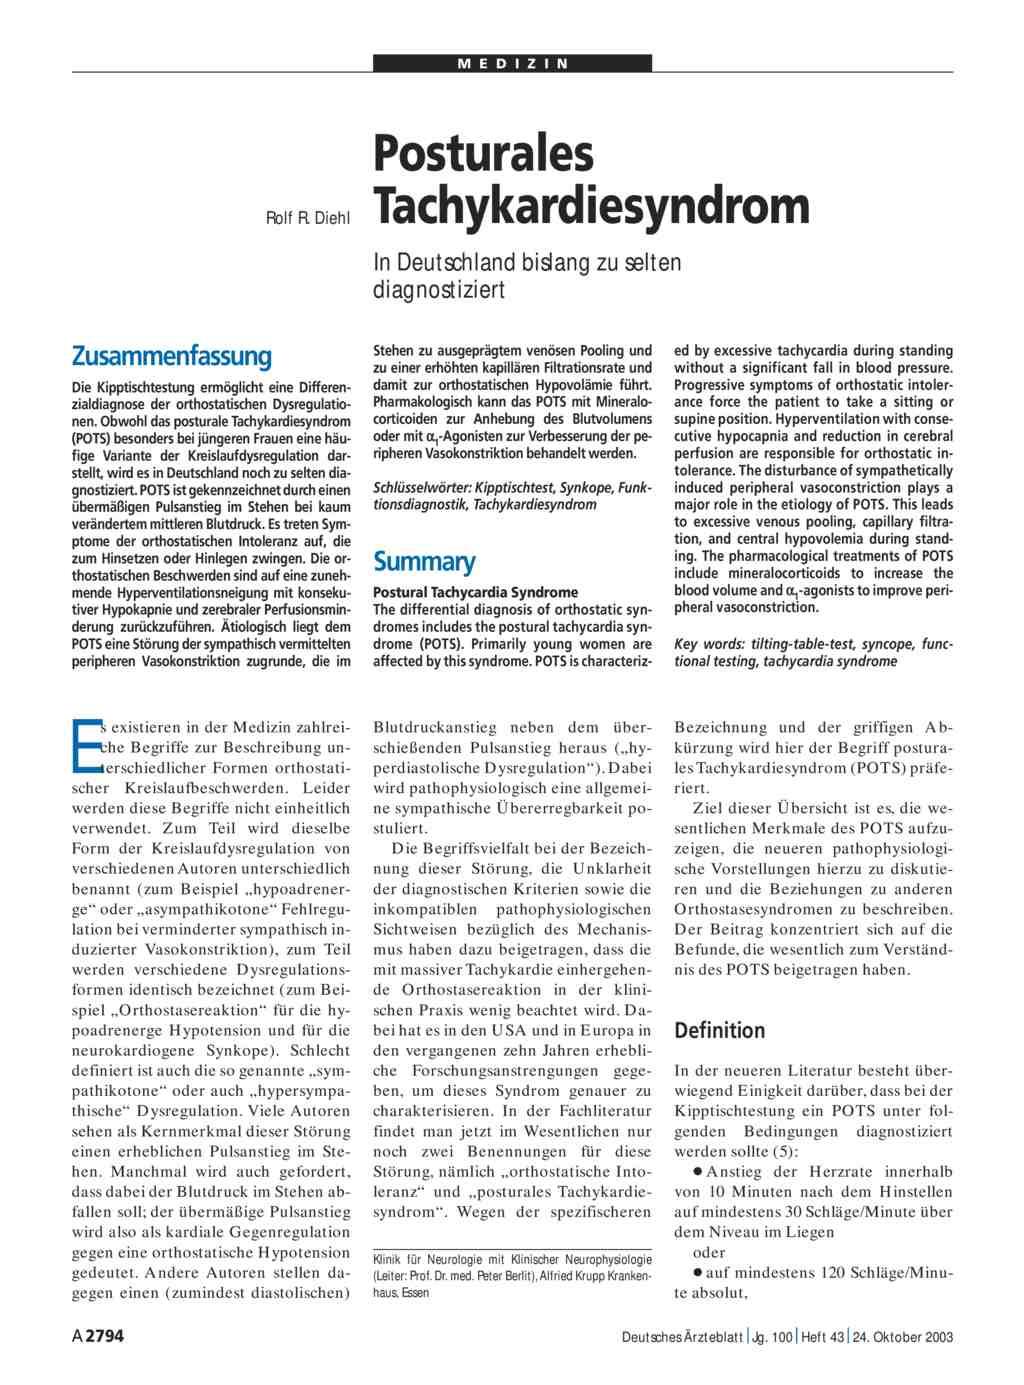 Posturales Tachykardiesyndrom In Deutschland Bislang Zu Selten